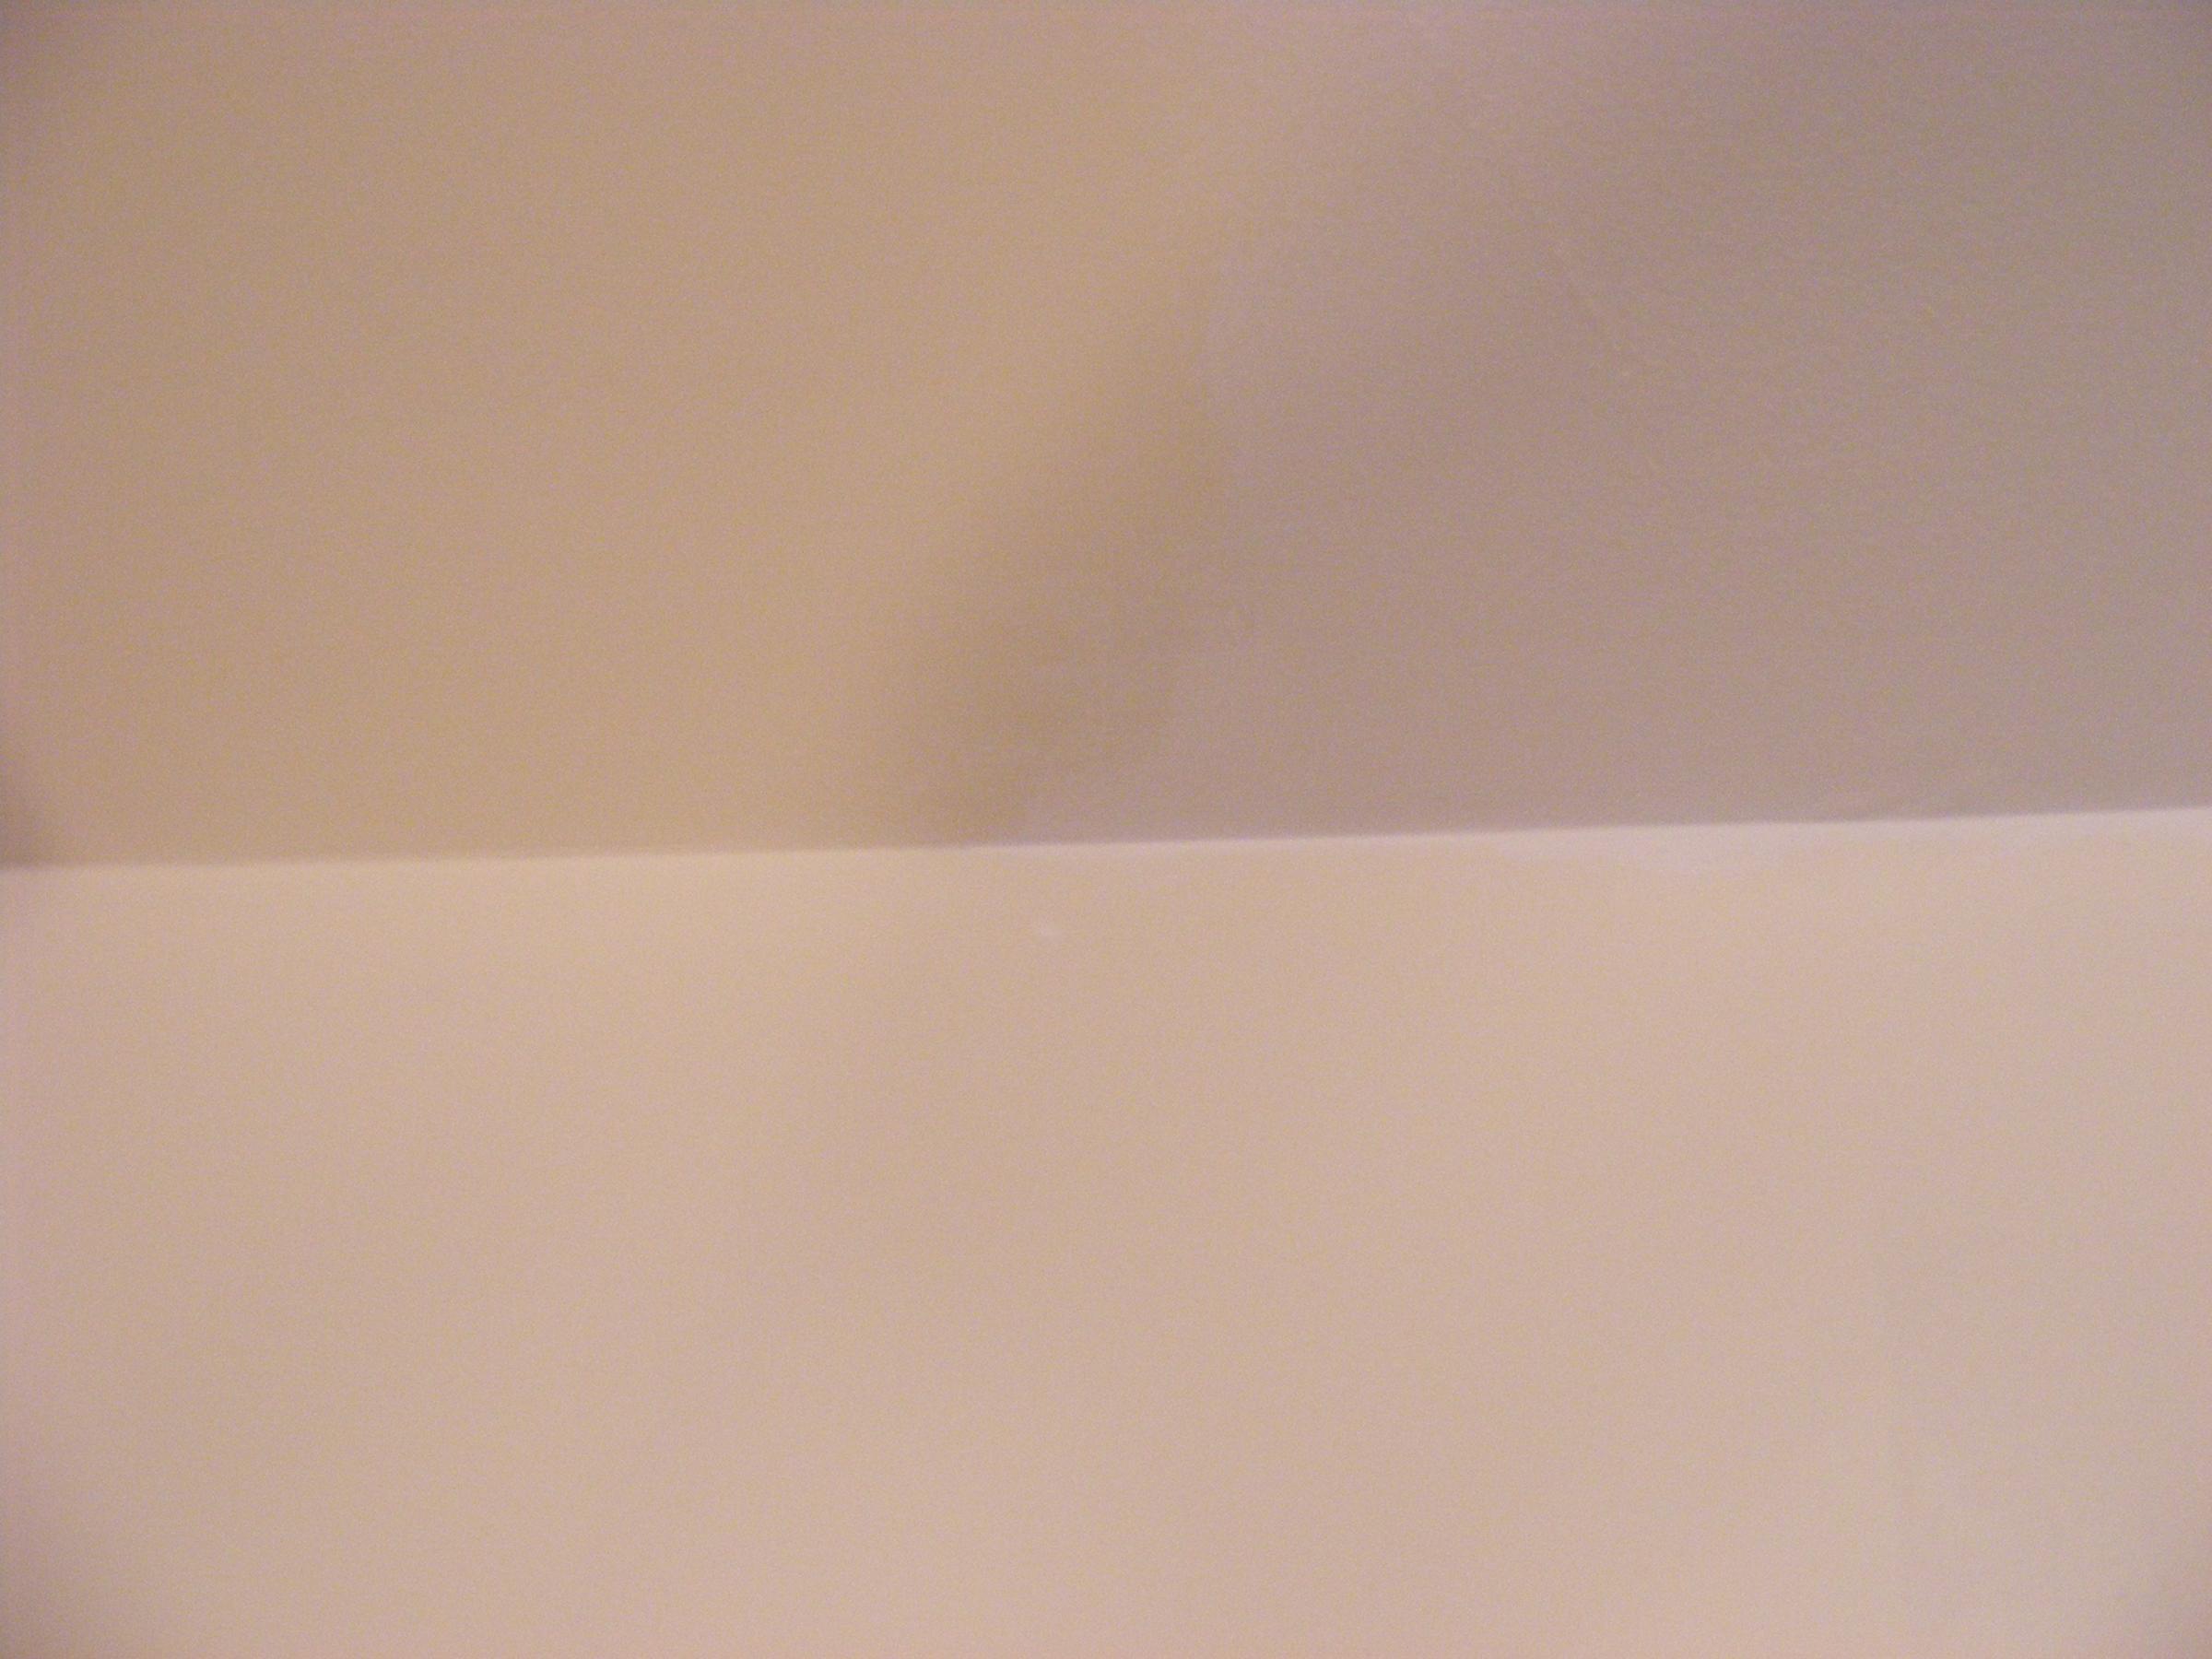 Problem in corners-dscf3752.jpg